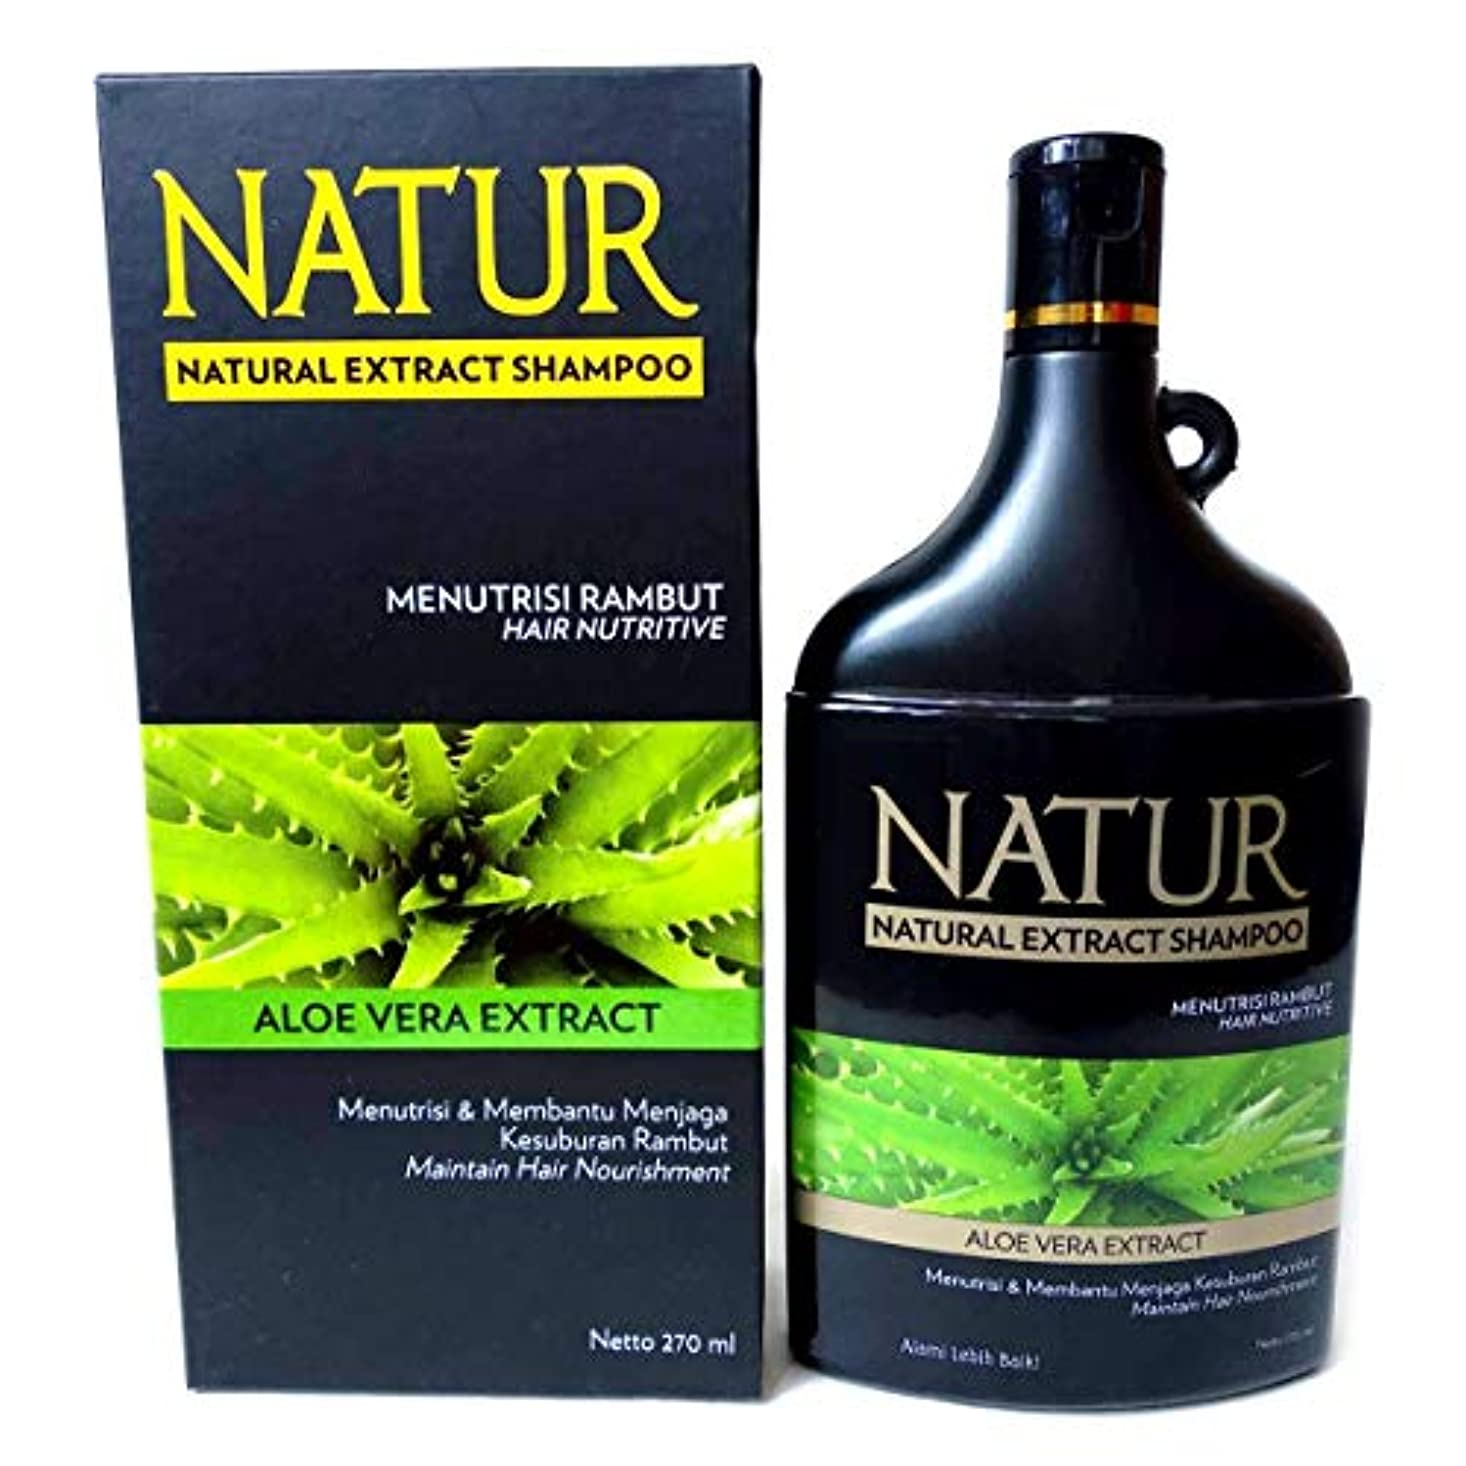 鋭く取り替える放送NATUR ナトゥール 天然植物エキス配合 ハーバルシャンプー 270ml Aloe vera アロエベラ [海外直商品]